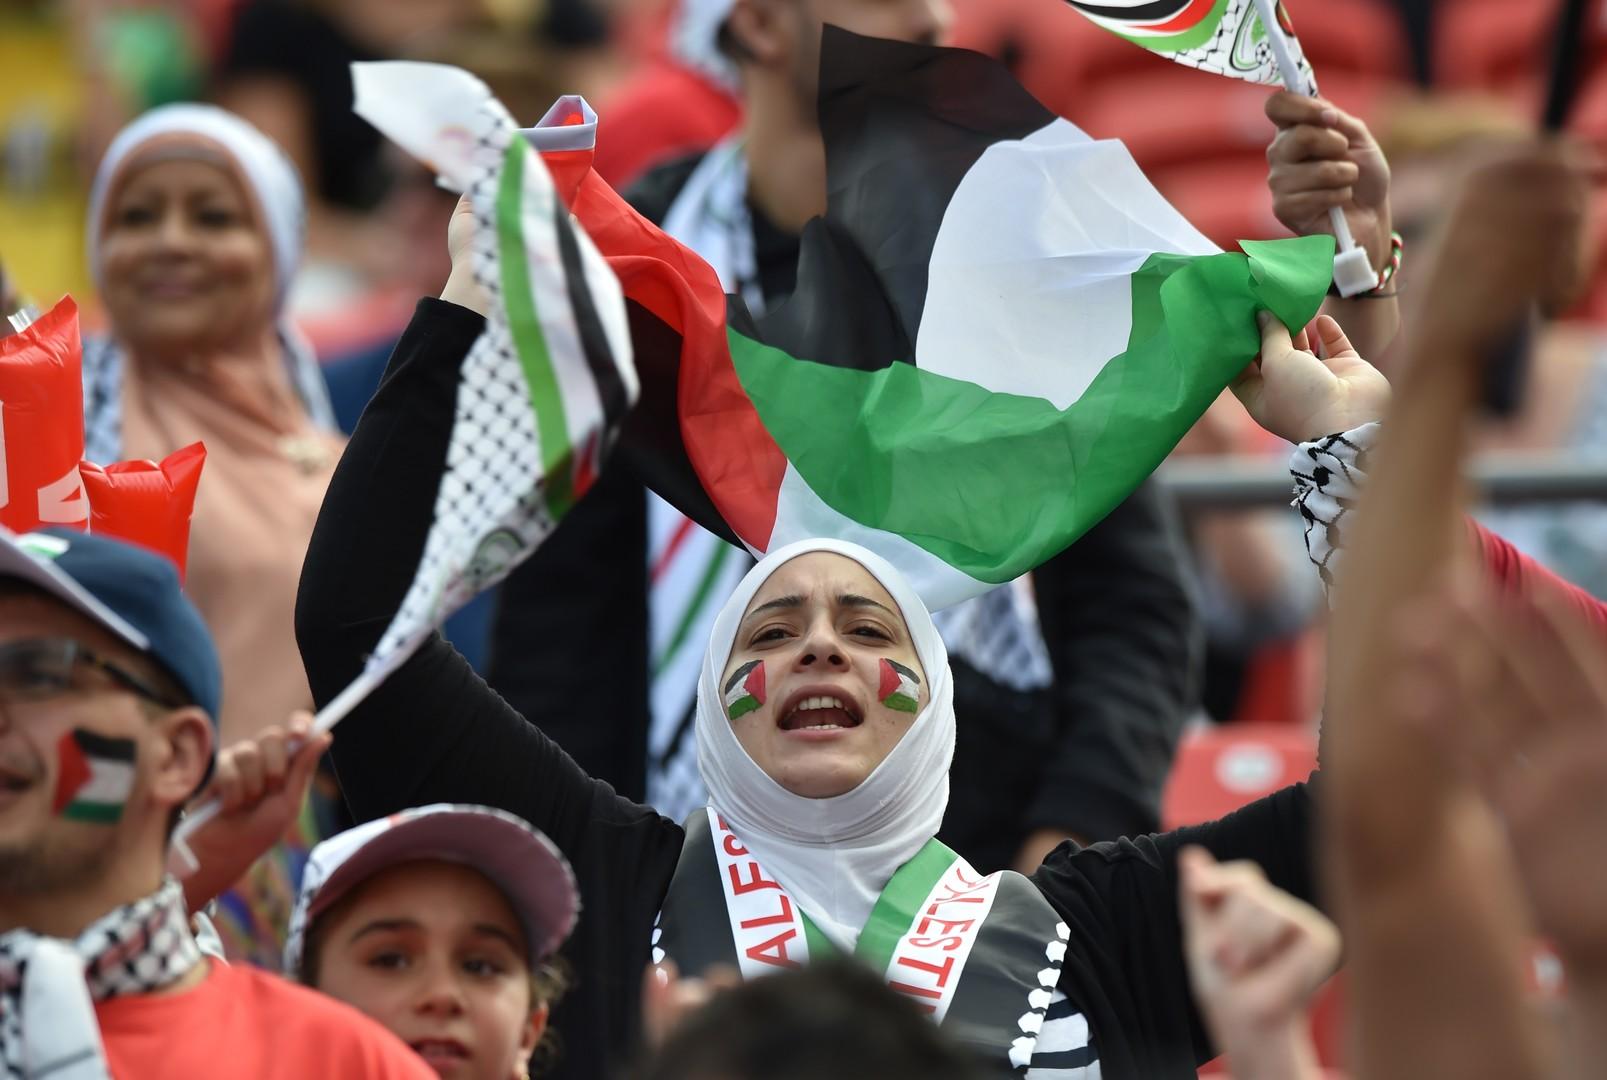 كأس آسيا تحظى بحضور جماهيري كبير في بلد الكنغر